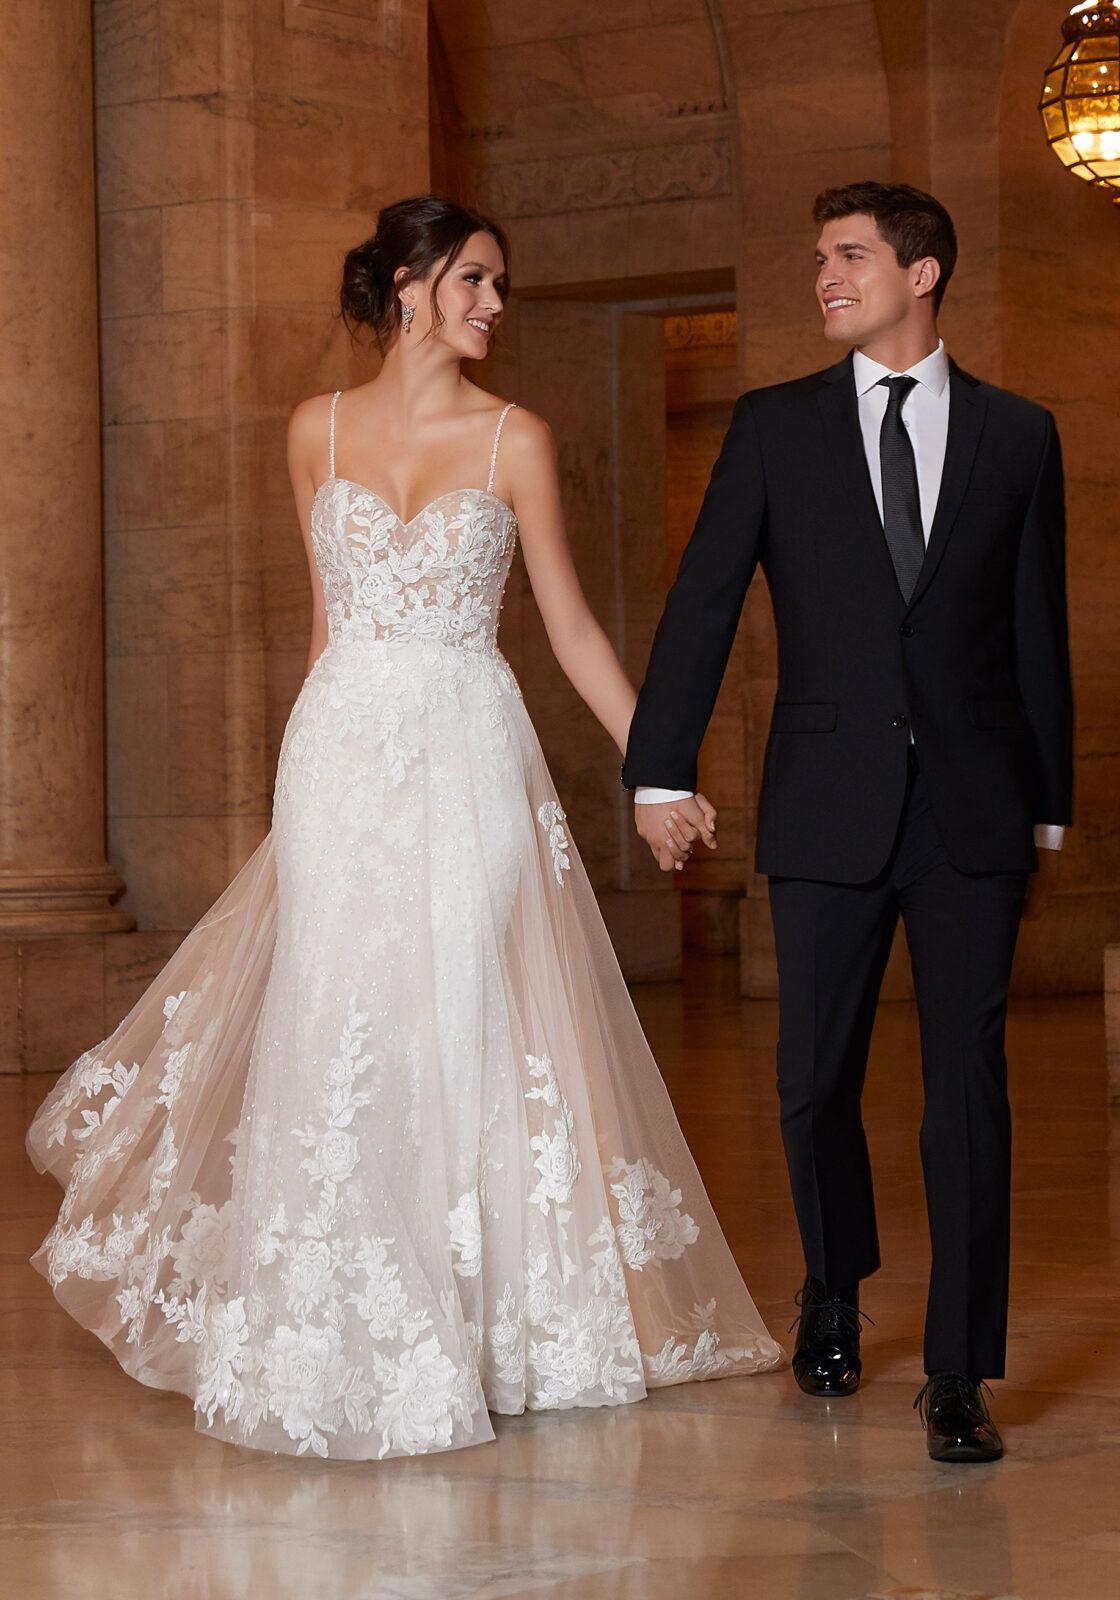 Designer: Morilee - Madiline Gardner Signature Collection - Amabelle Wedding Dress - 1043